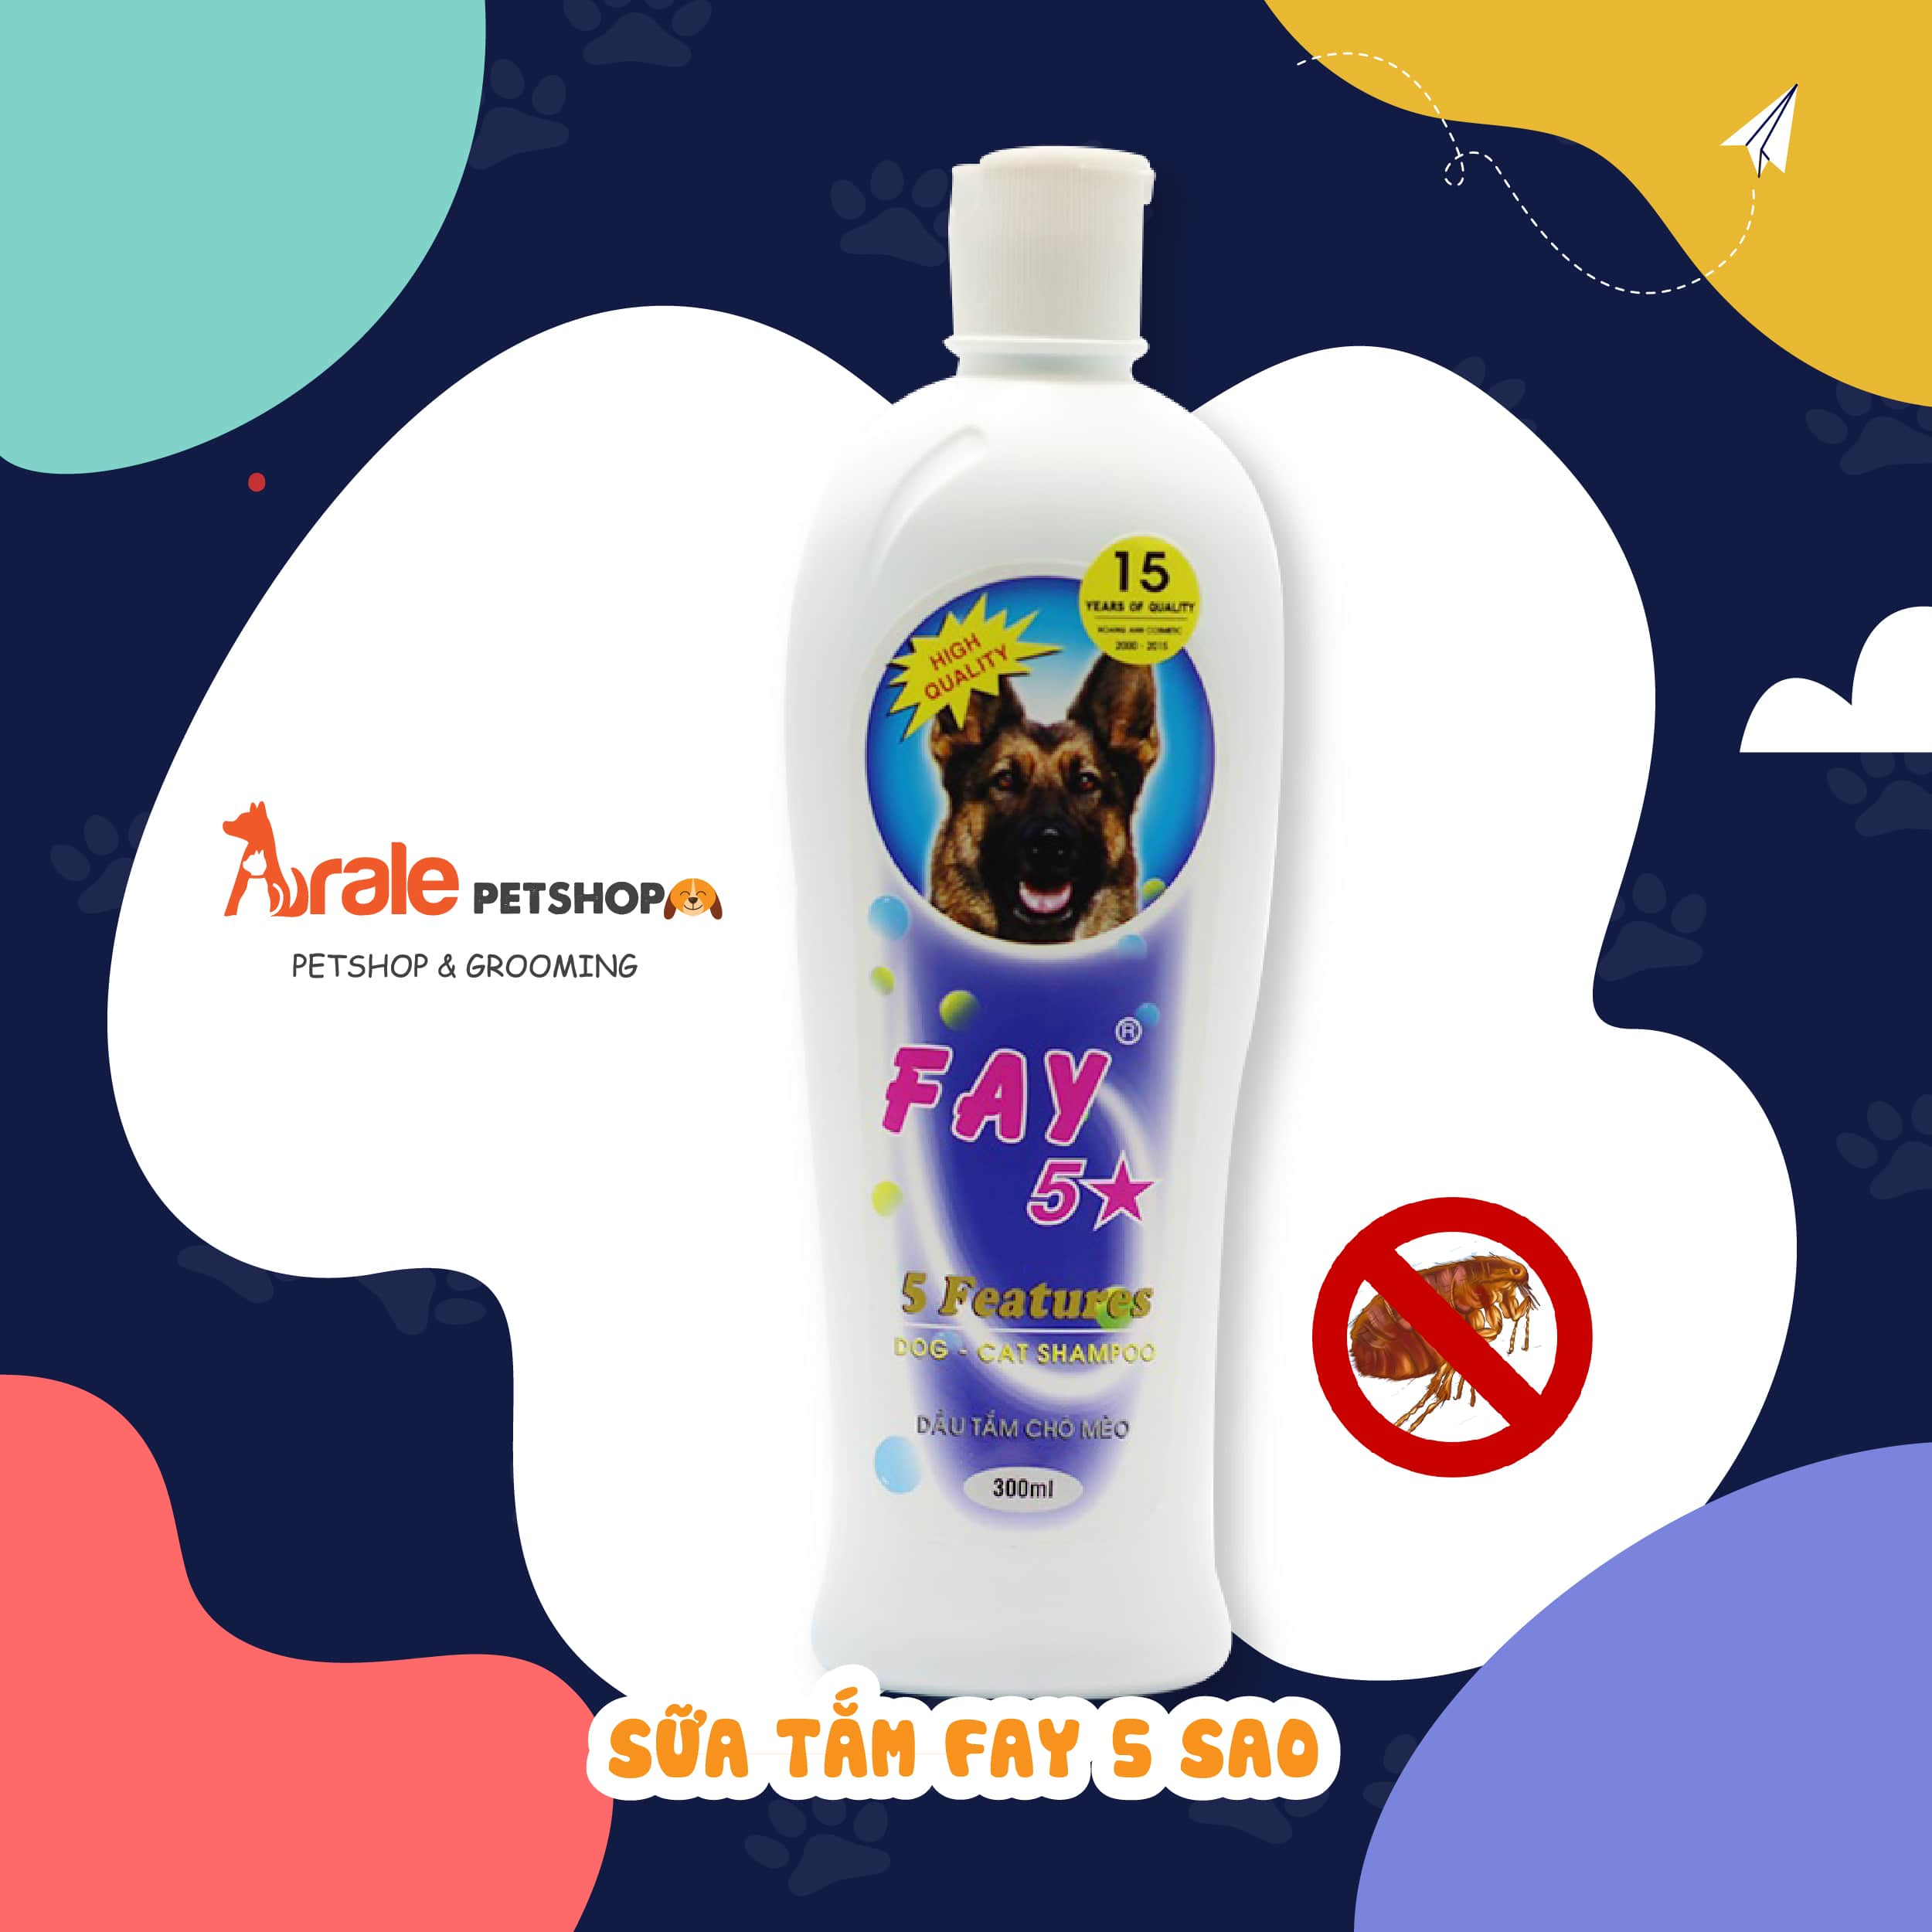 Làm sạch hết ve, rận, bọ chét, làm lông mượt và phát triển tốt hơn với Panthenol. Khử mùi hôi, duy trì độ ẩm cho da và lông.